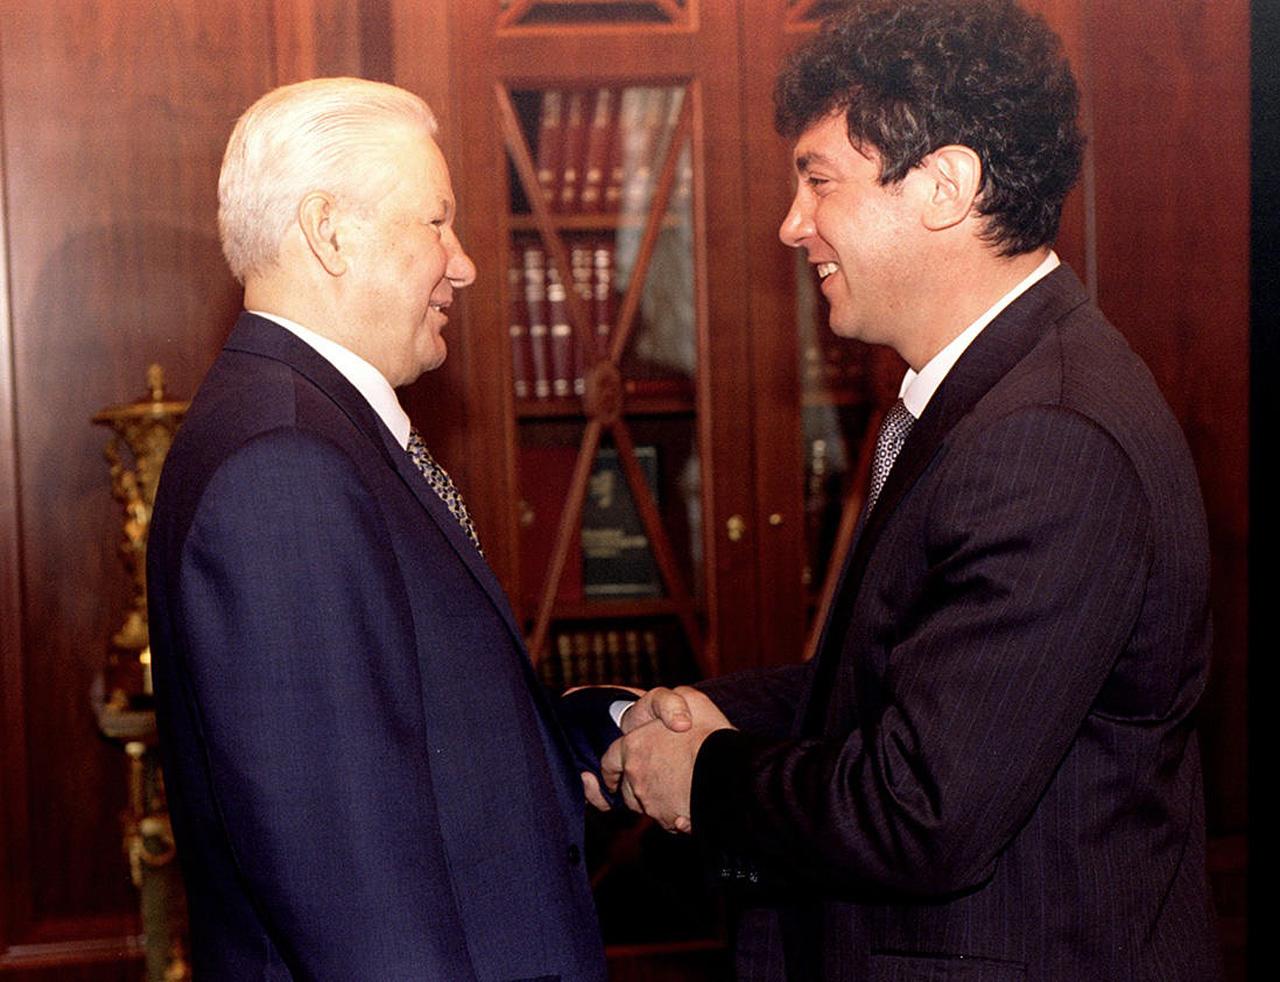 Борис Немцов согласился стать заместителем премьер-министра на встрече с Борисом Ельциным. 17 марта 1997 года